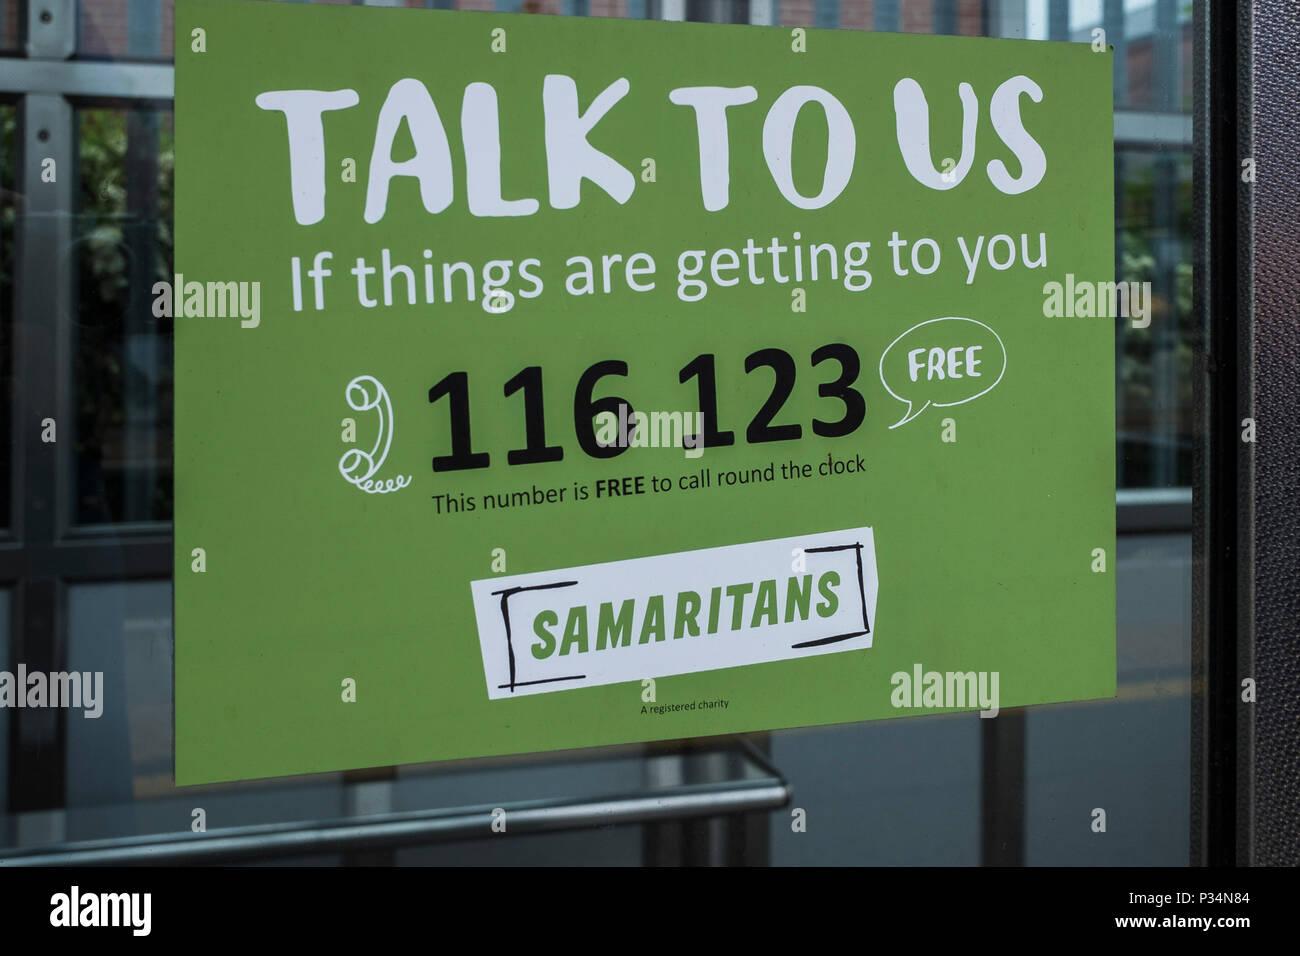 Samaritans help sign on the platform of St.Albans city station, Hertfordshire, England, U.K. - Stock Image